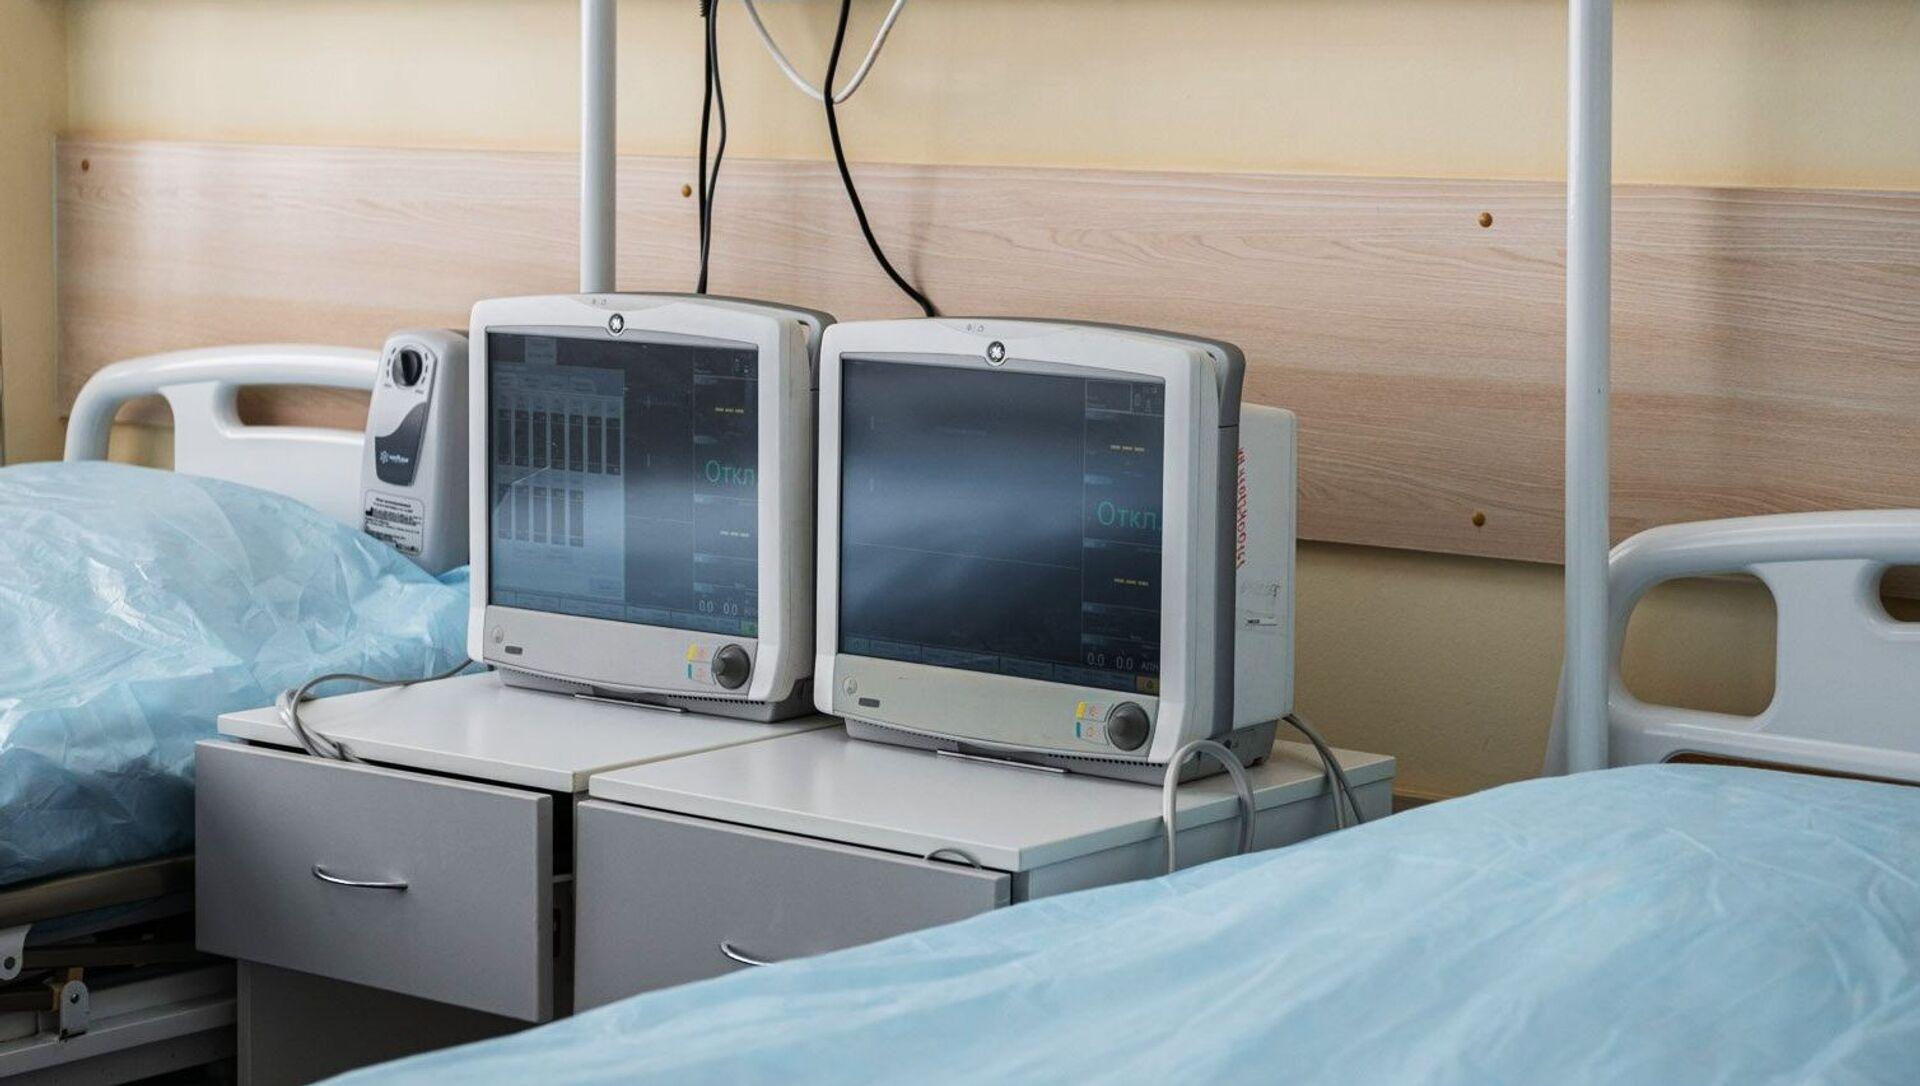 Открытие стационара для пациентов с COVID-19 в ГКБ №15 им. Филатова - Sputnik Южная Осетия, 1920, 06.08.2021